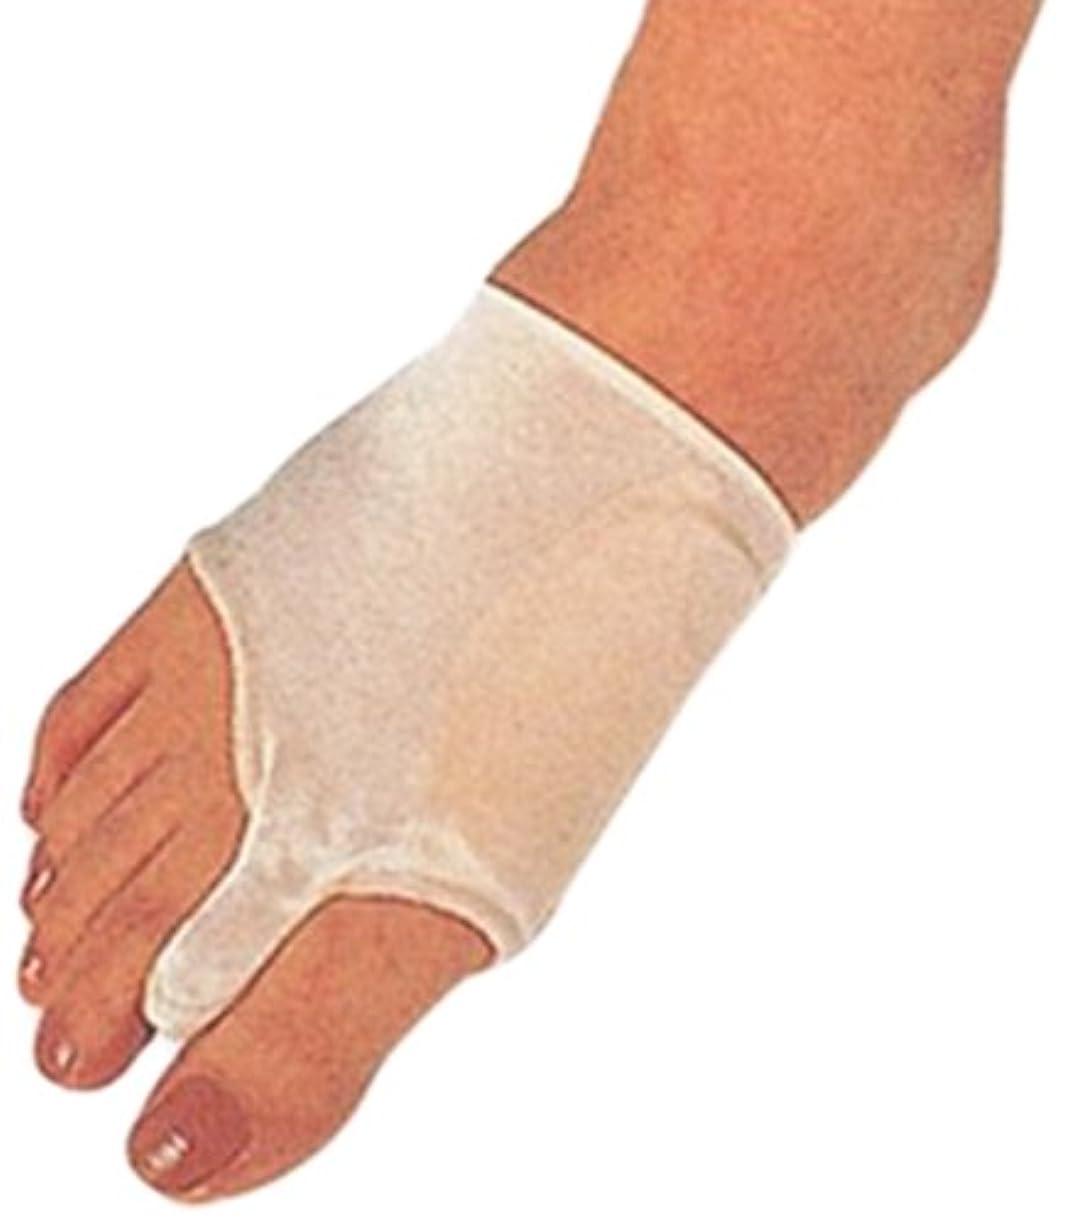 SORBO(ソルボ) ソルボ外反母趾サポーター薄型(片方入り/左足用/Lサイズ) 8ZA167